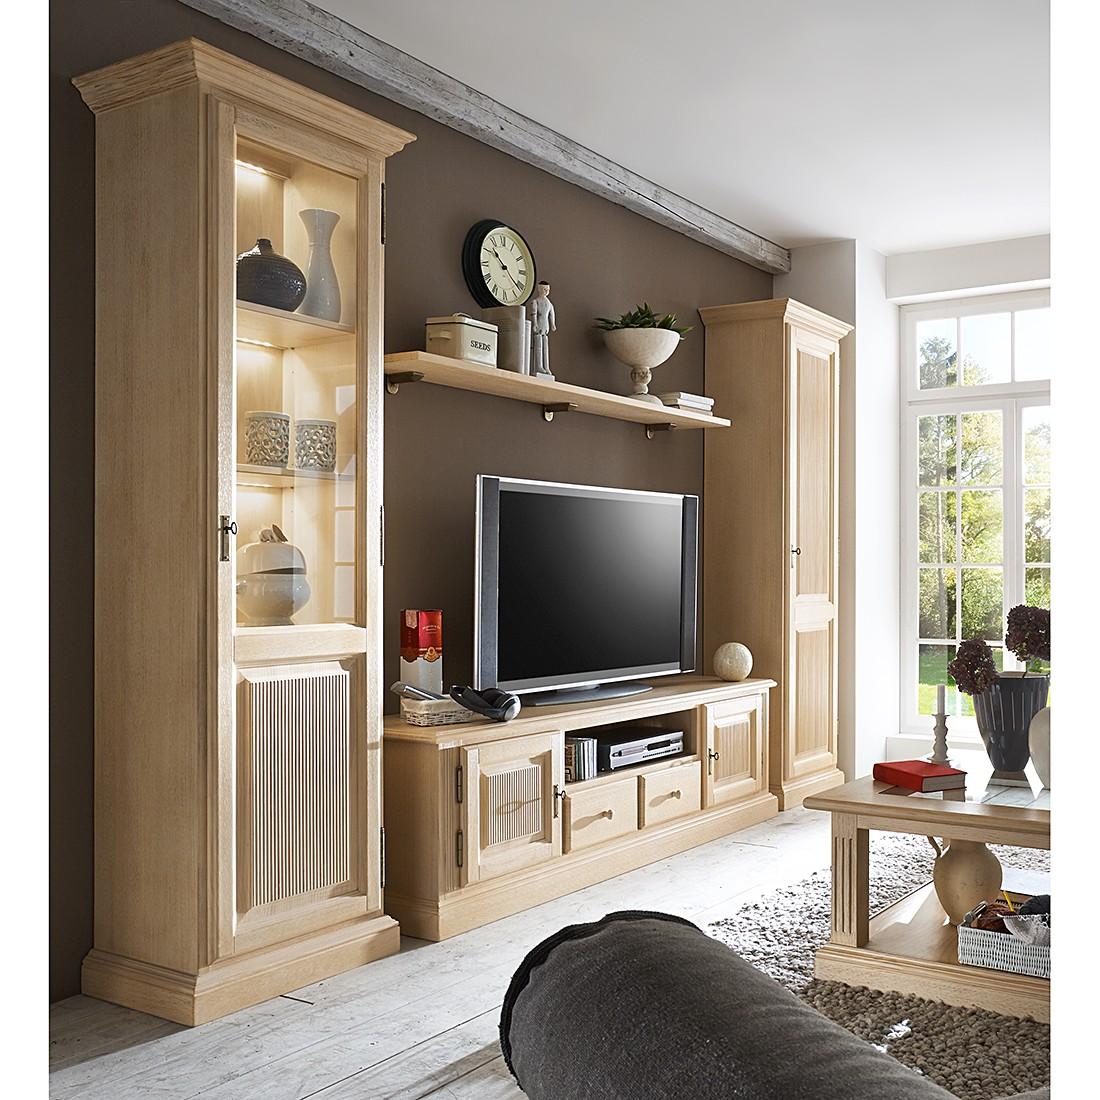 EEK A+, Ensemble de meubles TV Breddin I (4 éléments) - Pin massif - Avec éclairage, Ars Natura